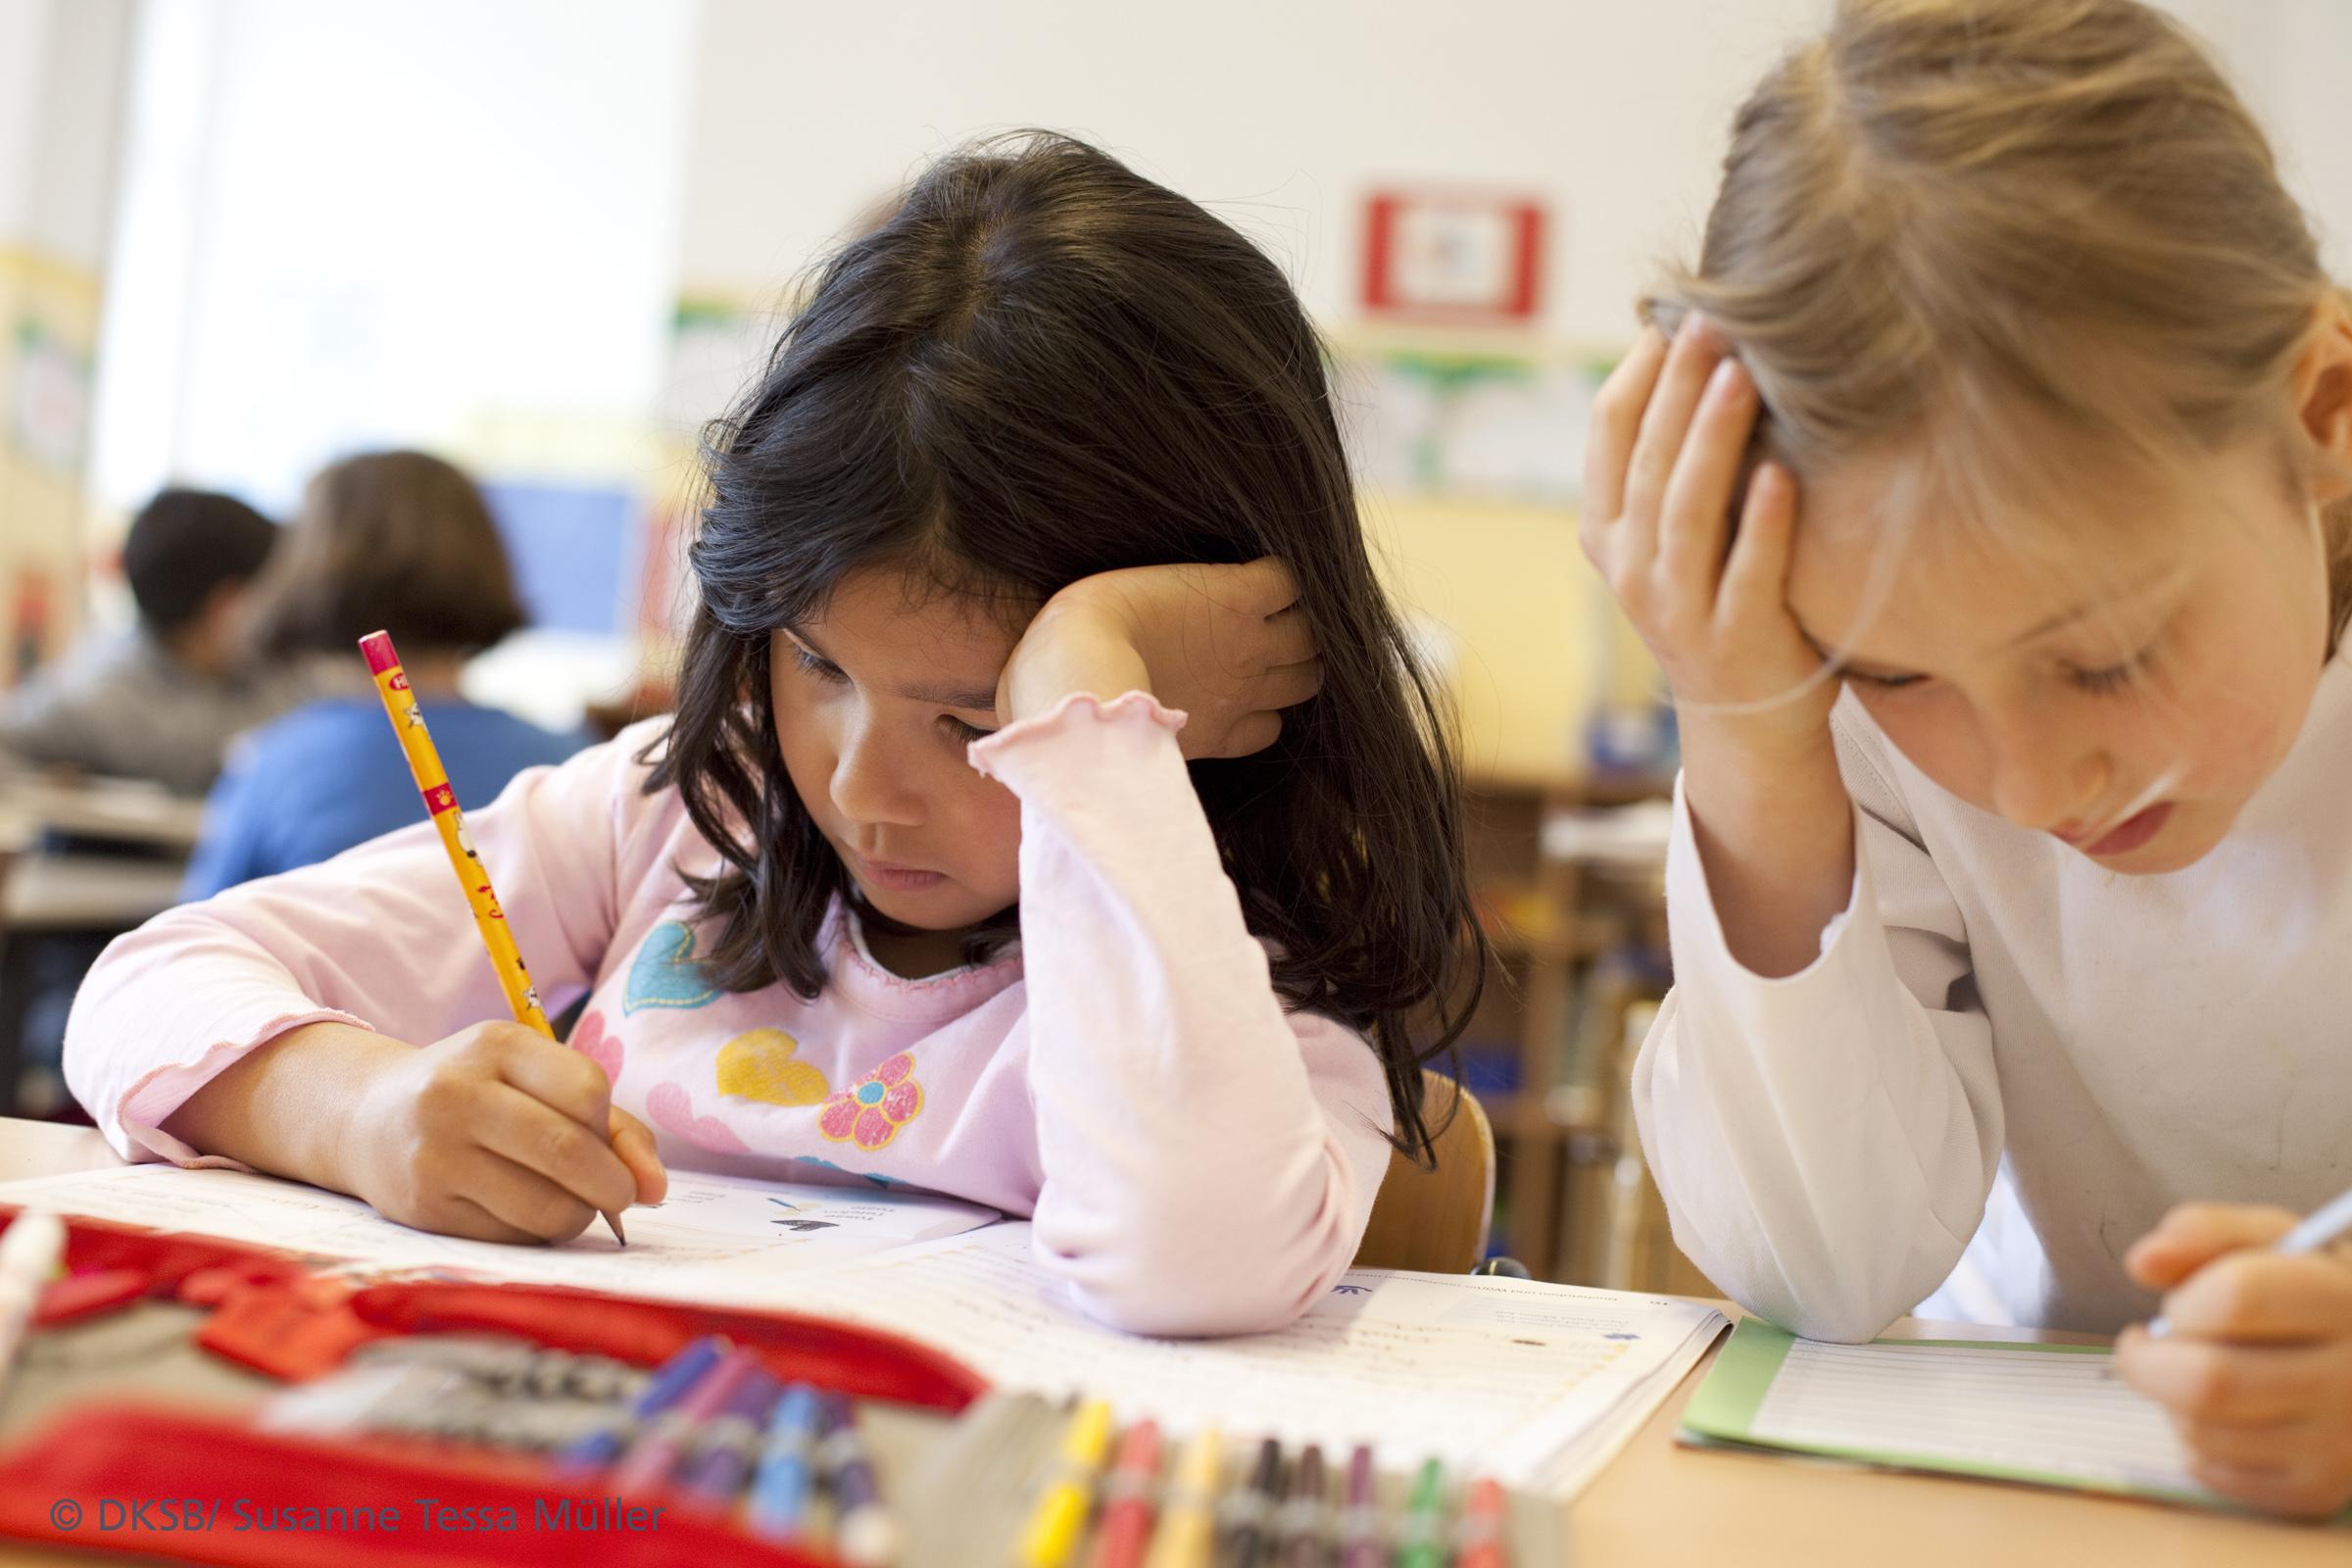 Leserbrief: Durchsetzungsinitiative widerspricht UN-Kinderrechtskonvention